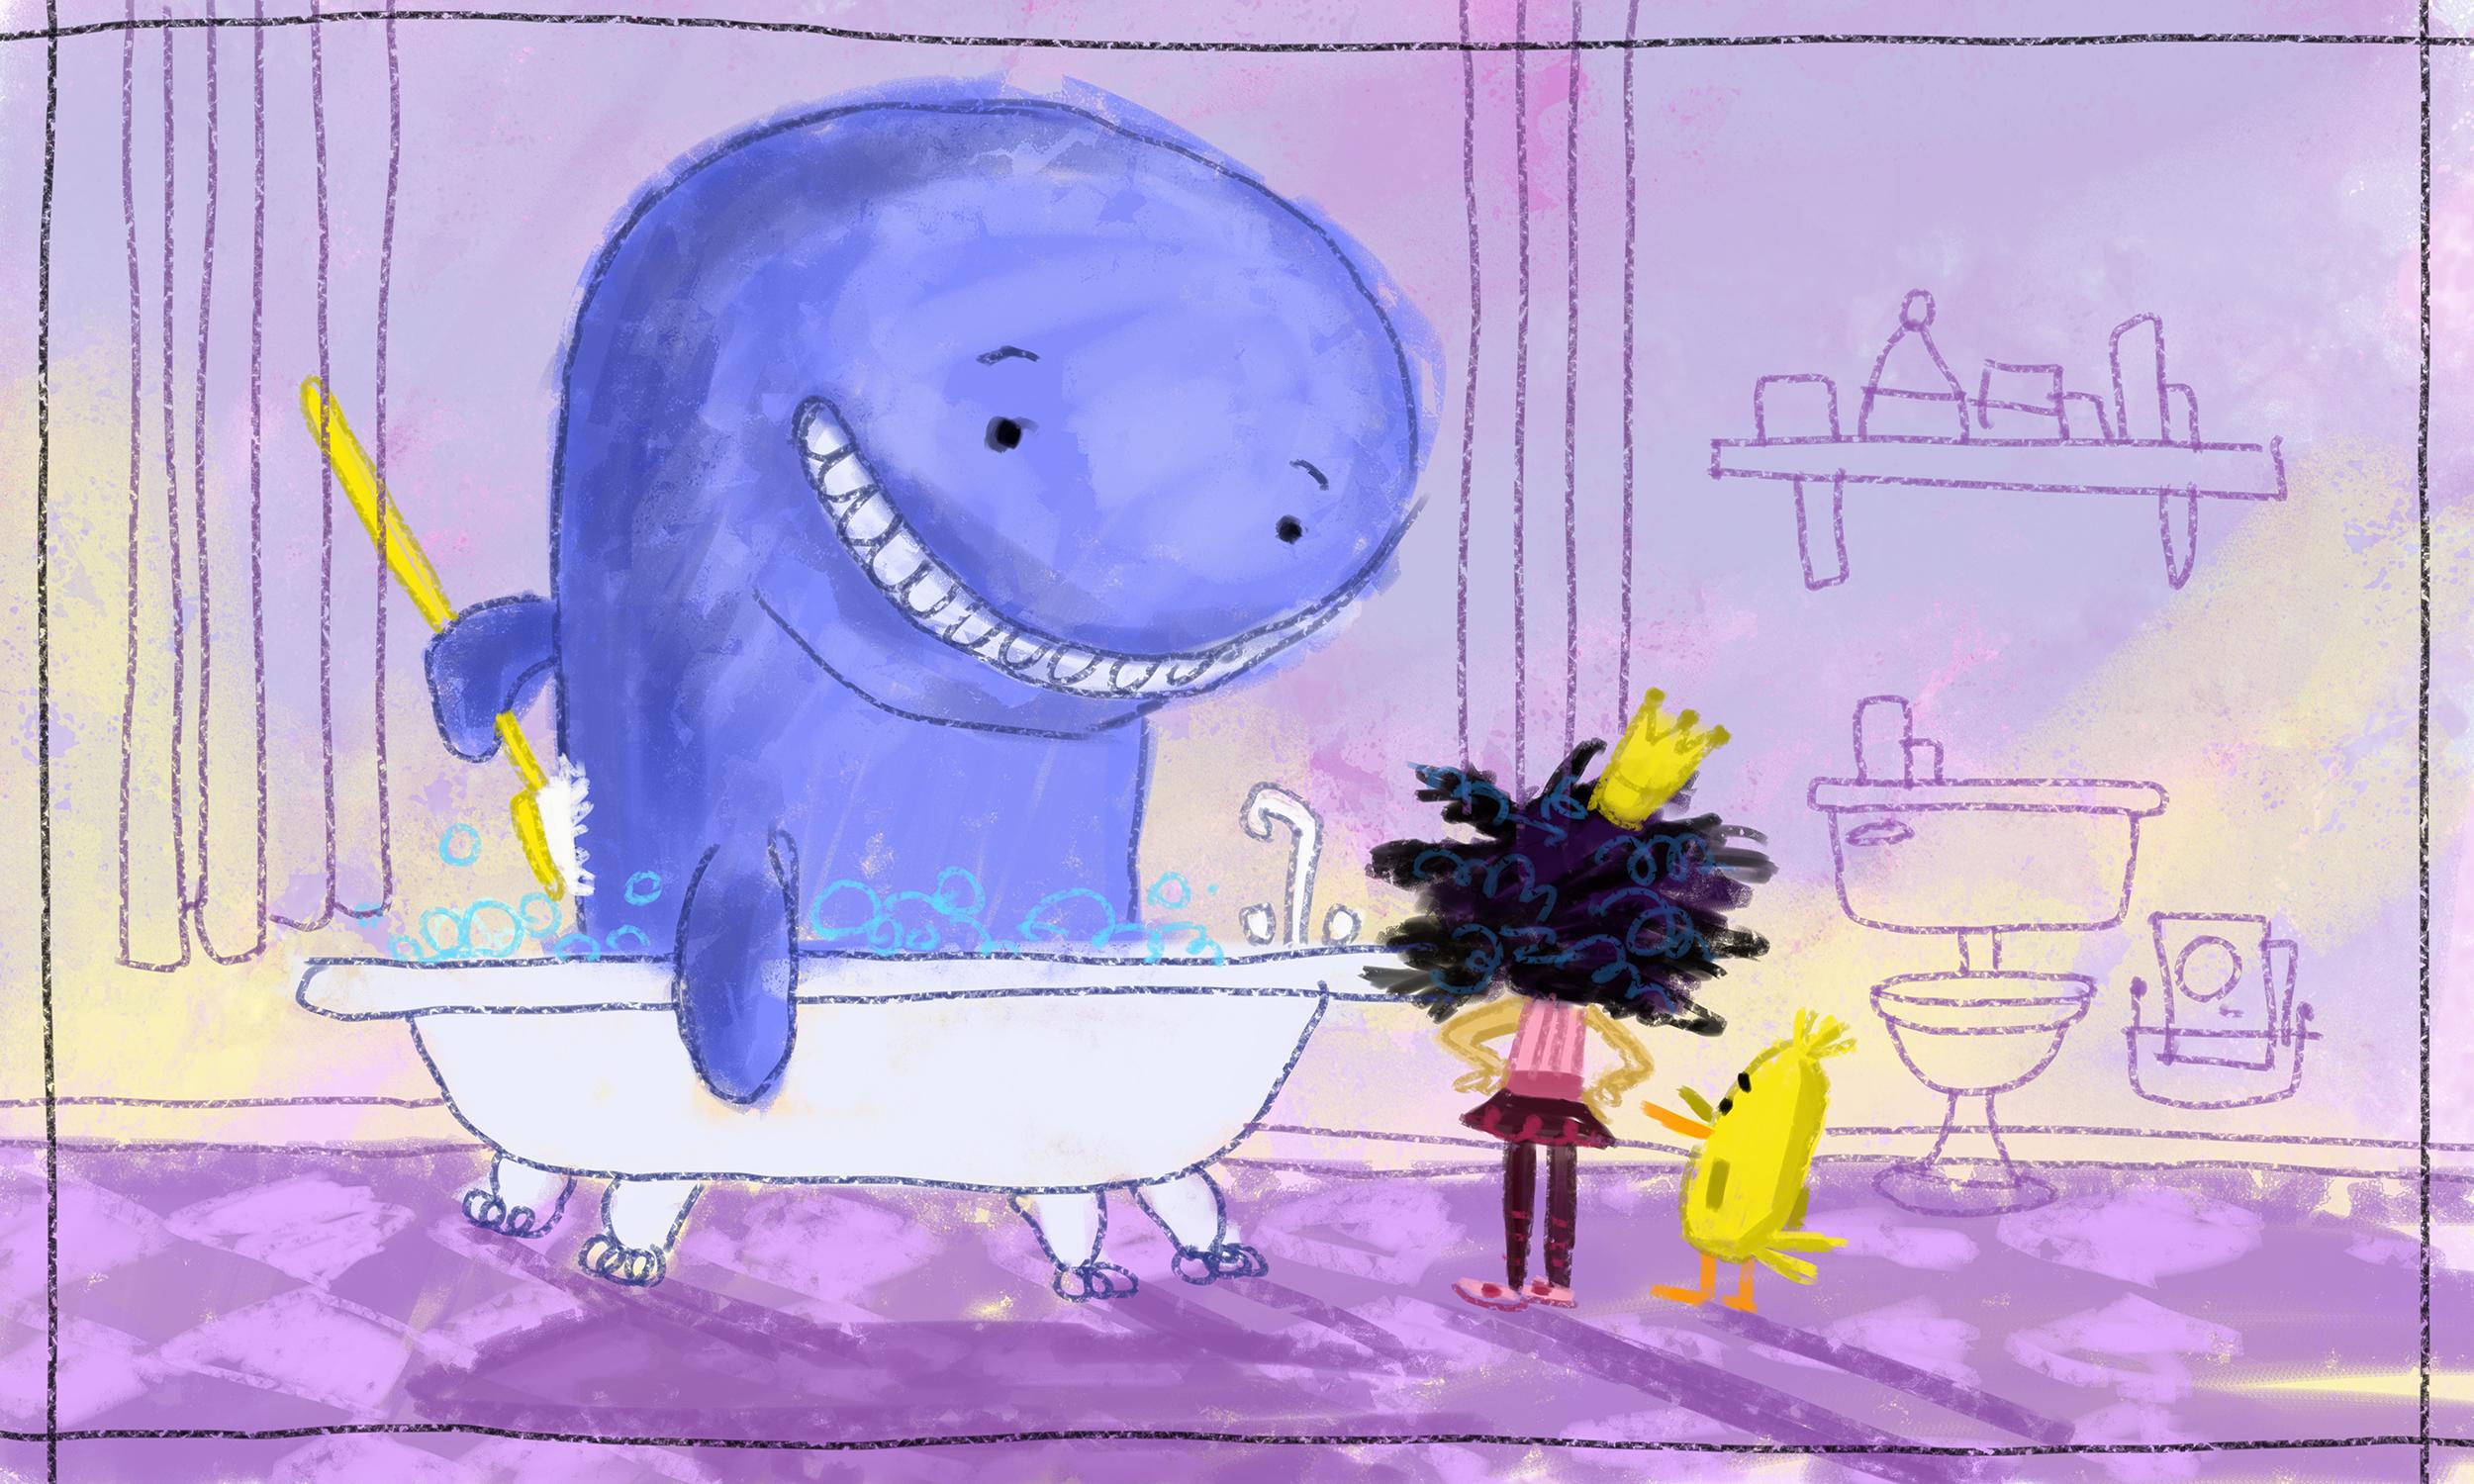 Blue whale in bath tub.jpg